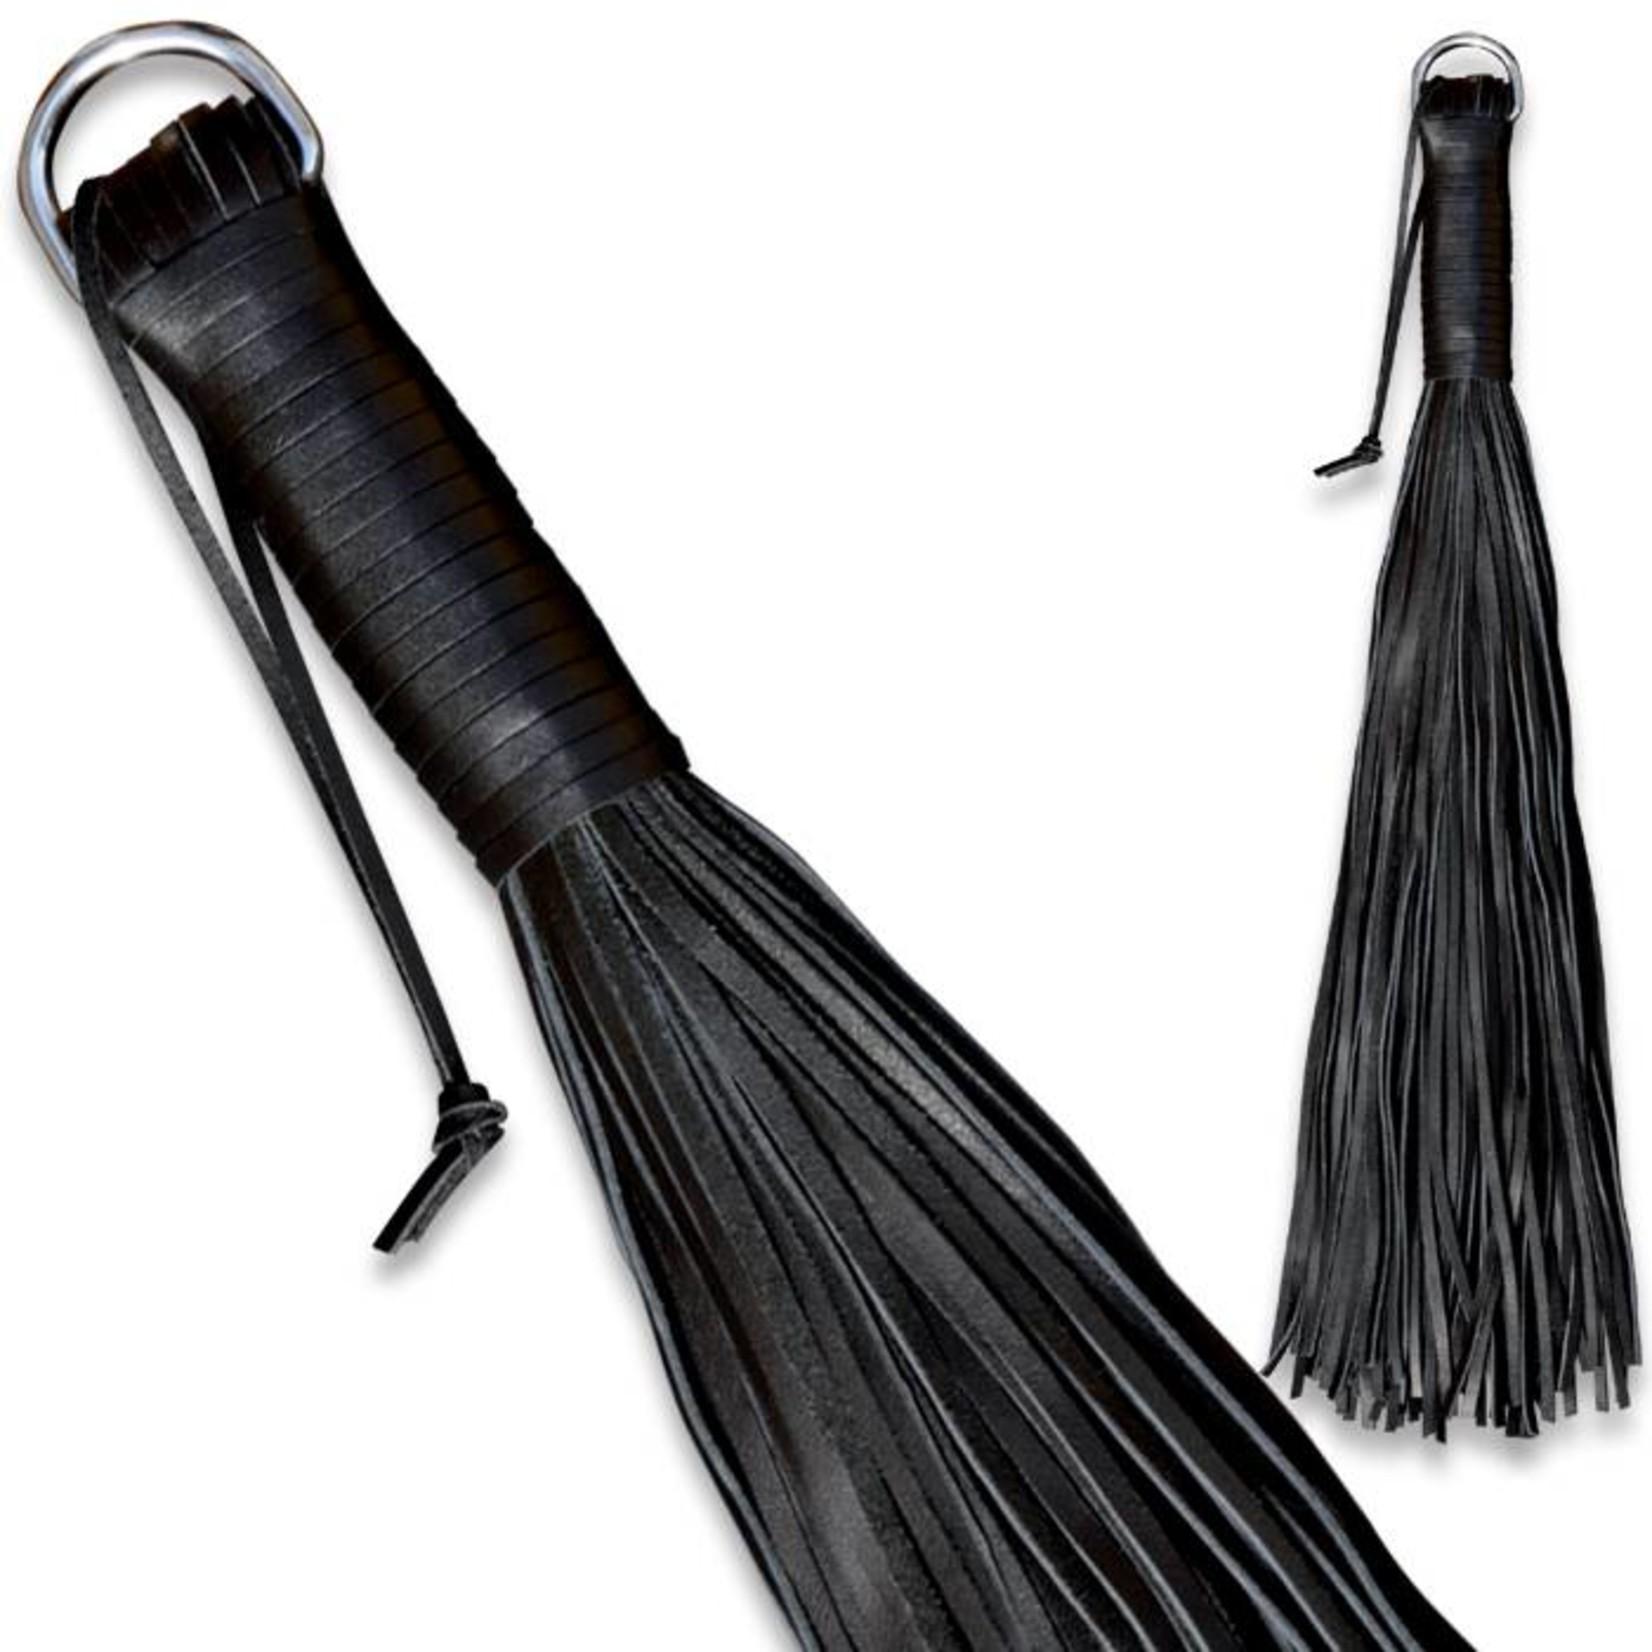 KIOTOS Leather Leather Whip black